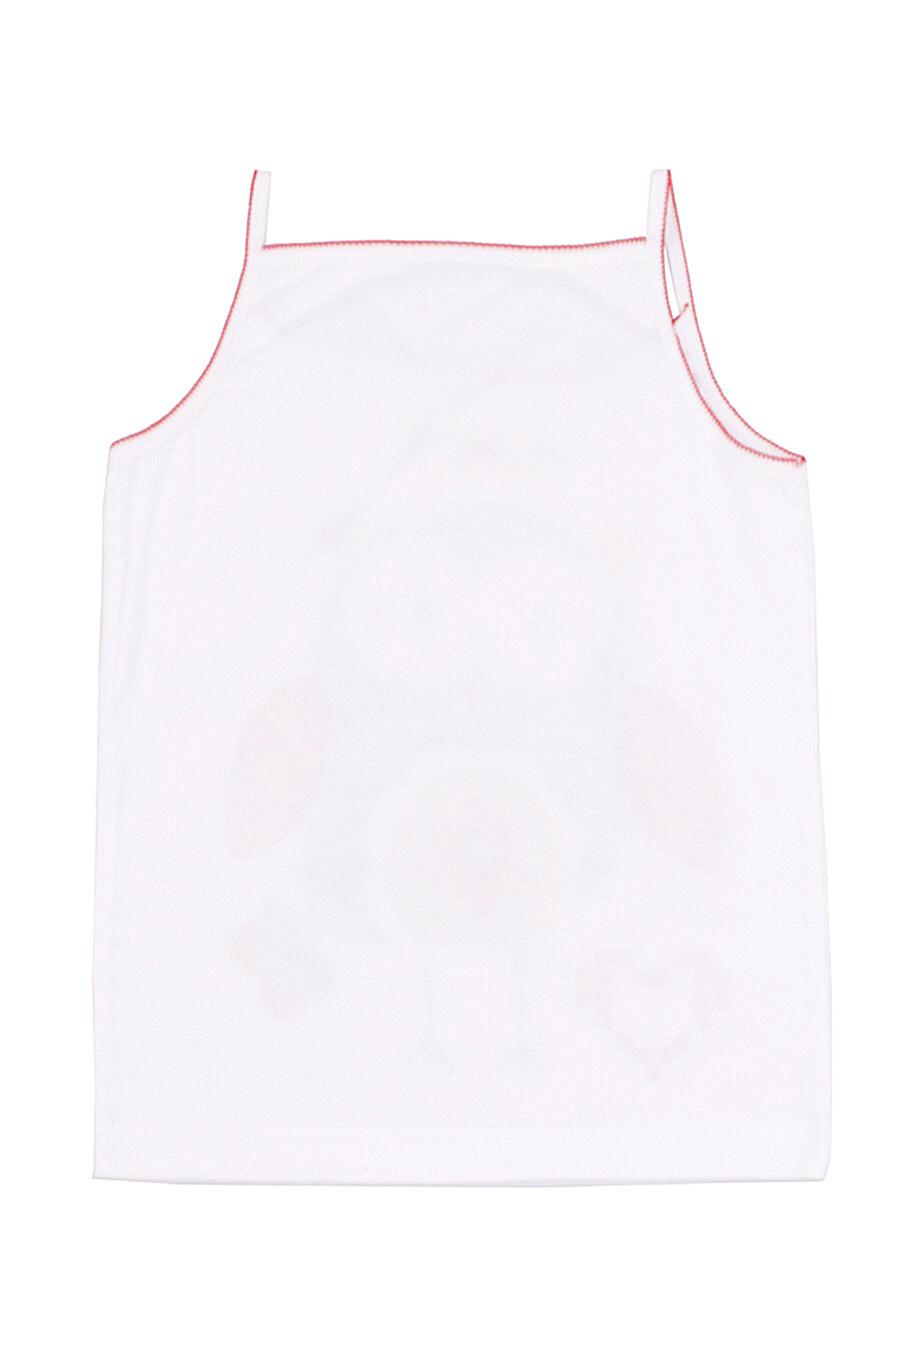 Майка для девочек Archi 130564 купить оптом от производителя. Совместная покупка детской одежды в OptMoyo